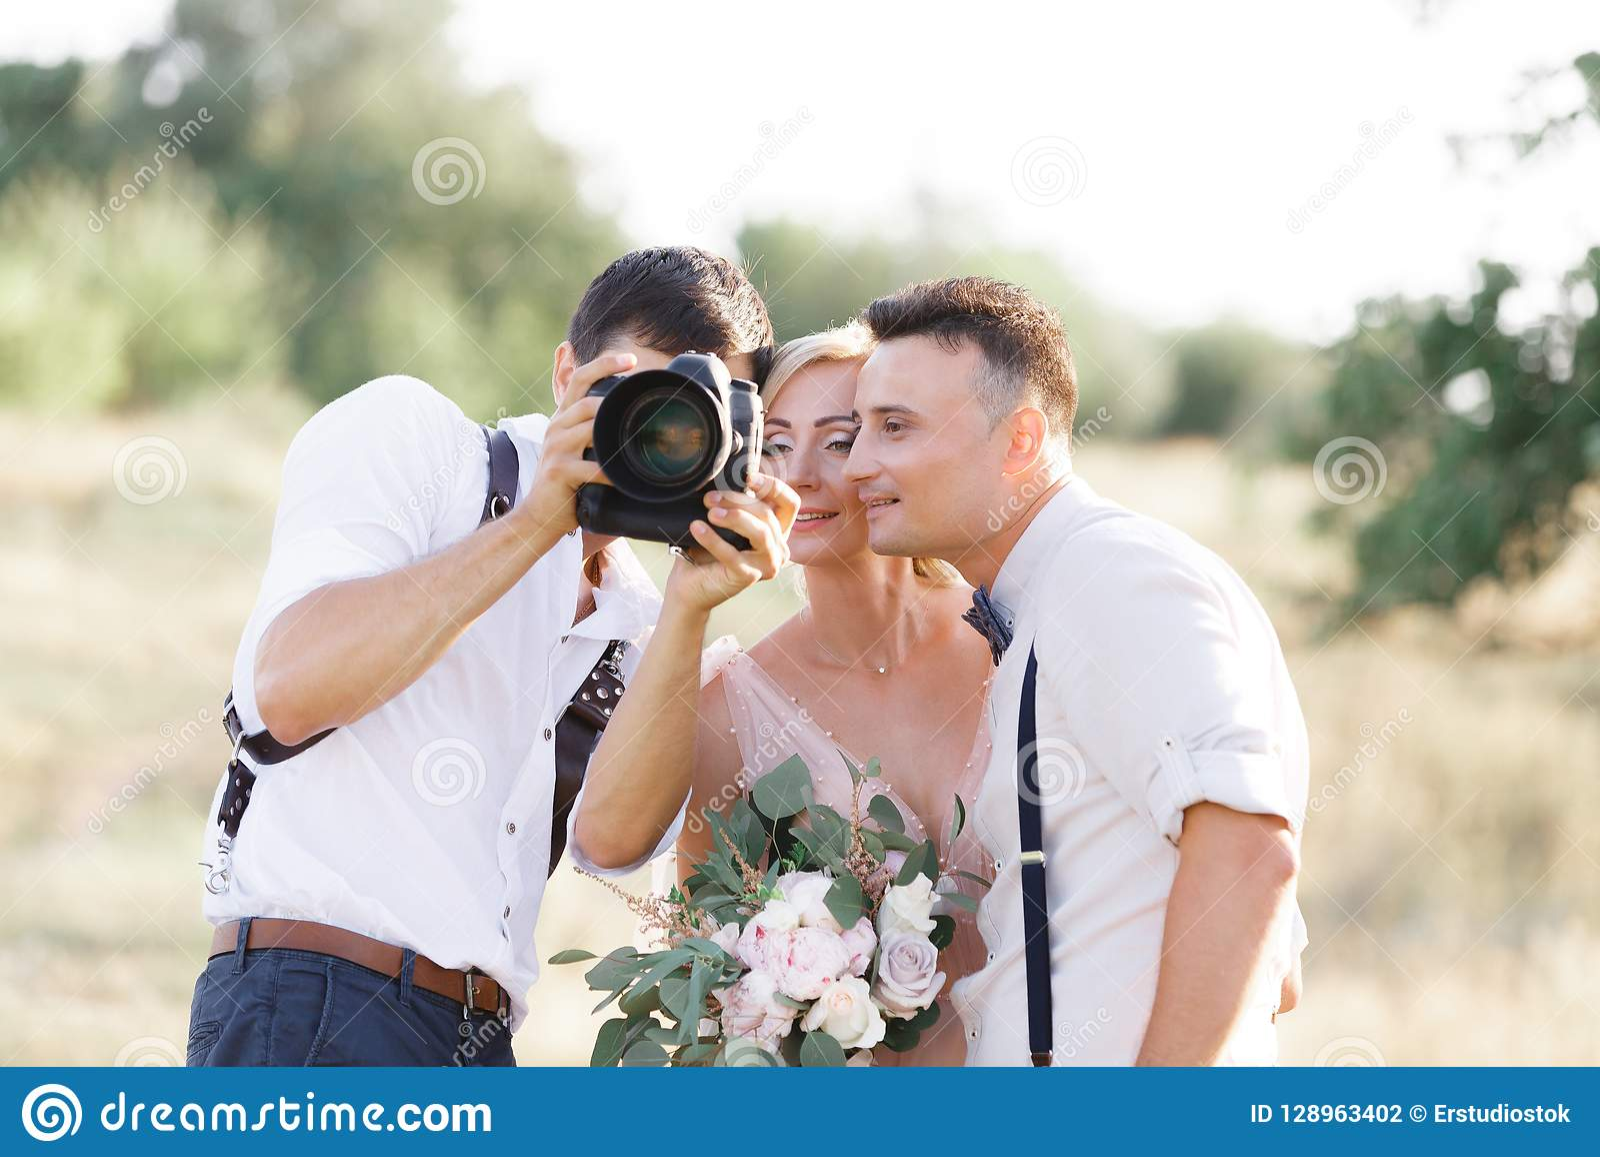 婚礼摄影师为新娘和新郎照相